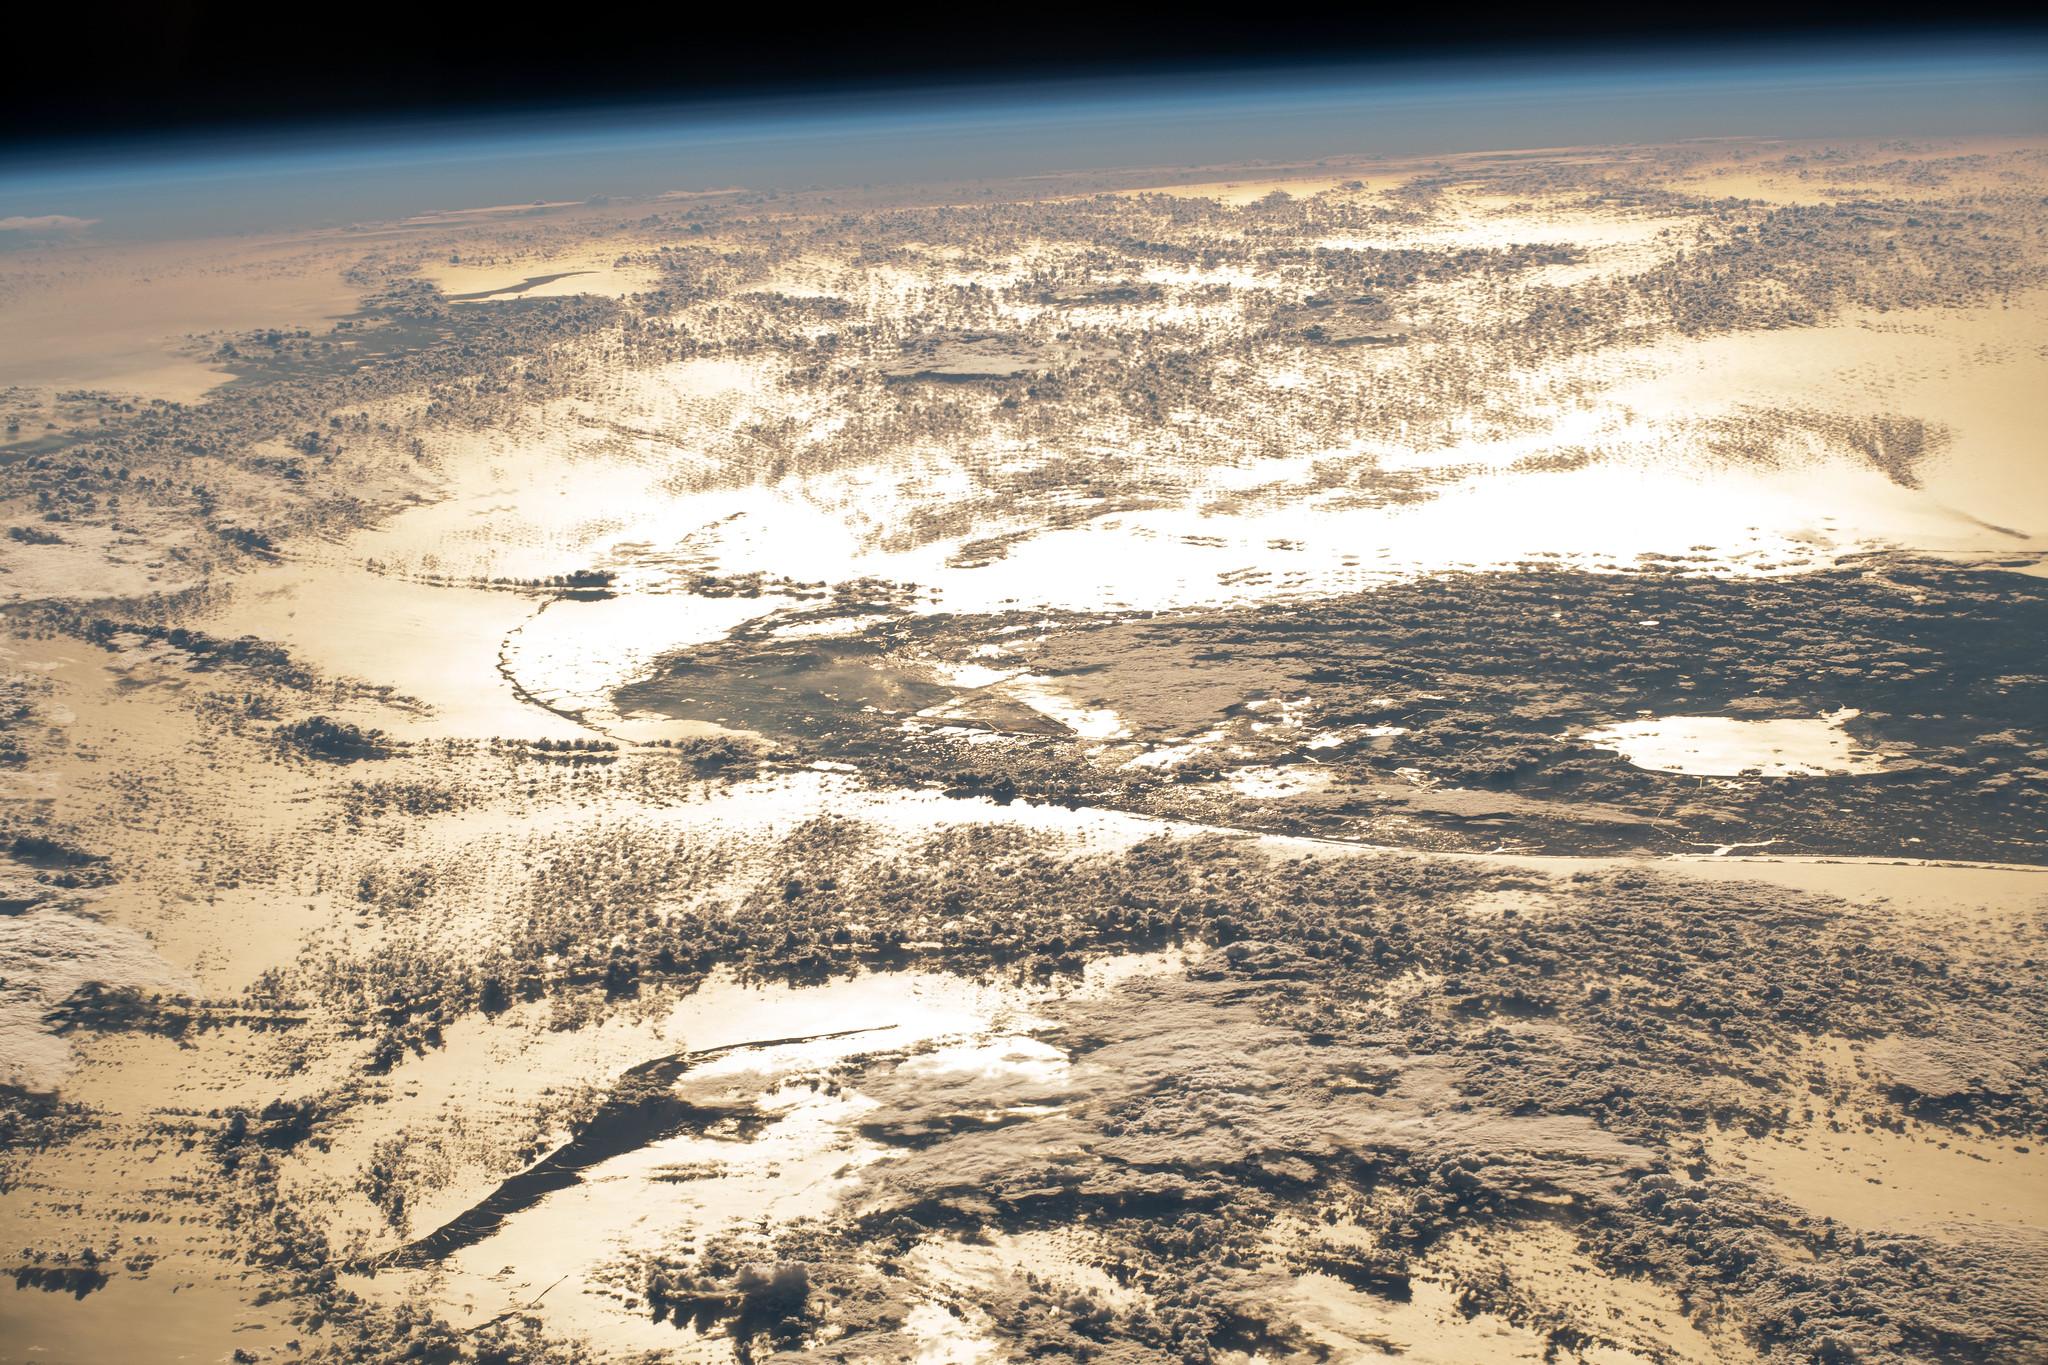 La lumière du soleil se reflète sur l'océan Atlantique dans cette image publiée par la NASA Johnson Space Center le 23 novembre 2020, quelques jours avant Thanksgiving.  L'image a été prise depuis la Station spatiale internationale alors qu'elle était en orbite autour de la Terre au large des États-Unis.